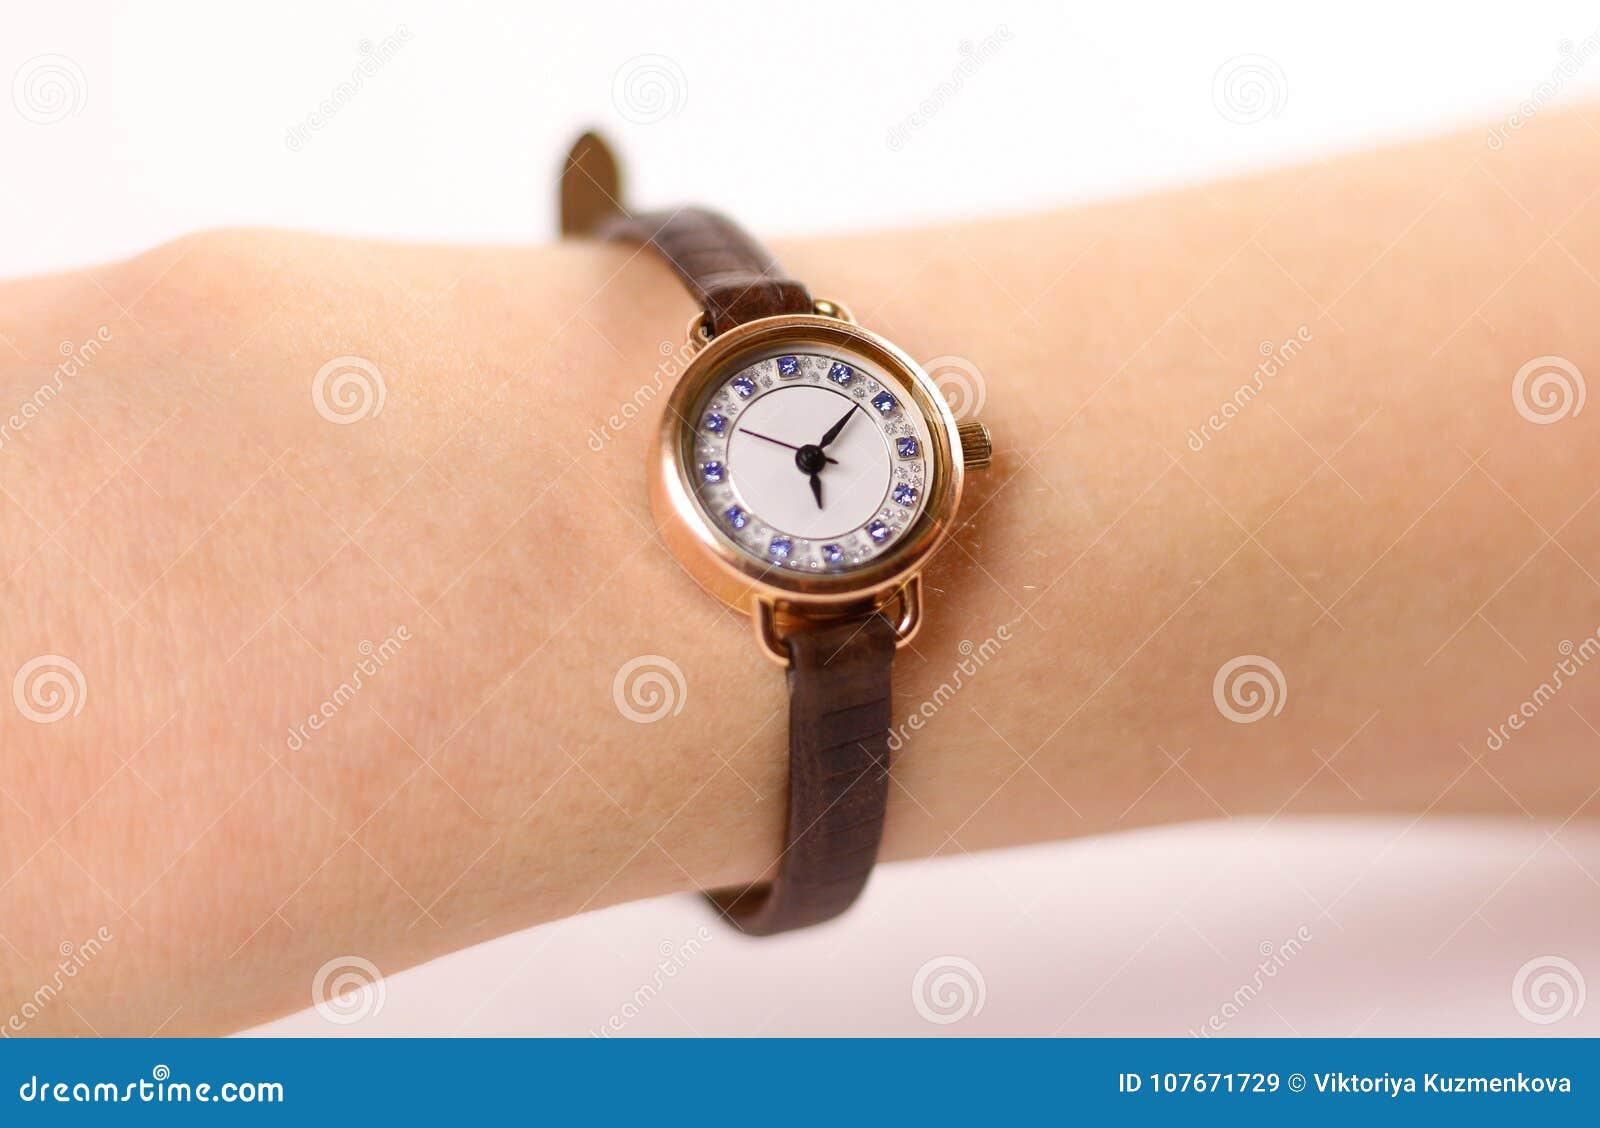 fee7b606da38 Reloj De Oro Para Mujer Con La Correa De Cuero En La Mano En Un CCB ...